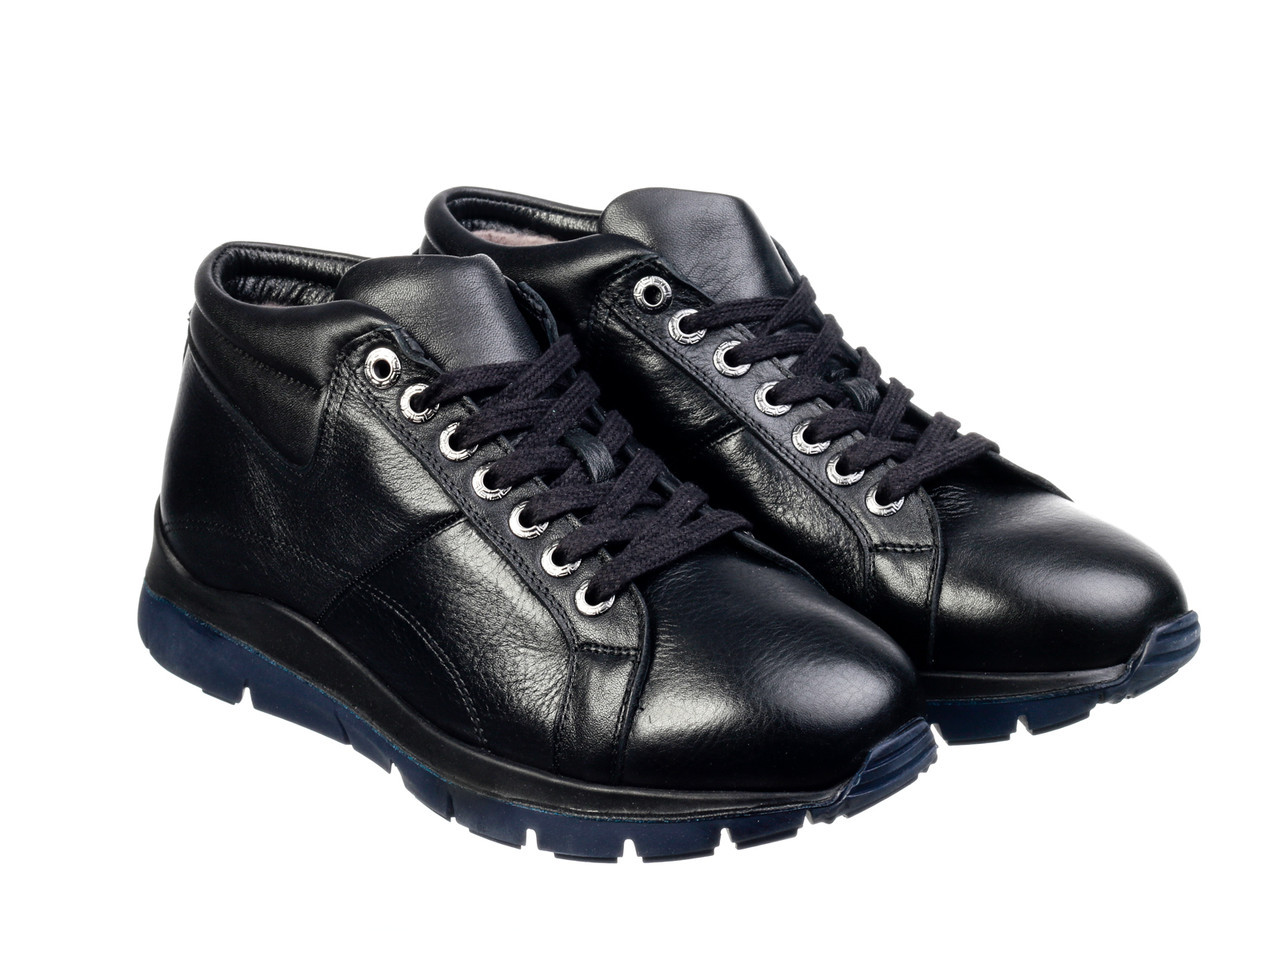 Ботинки Etor 8939-194 40 черные